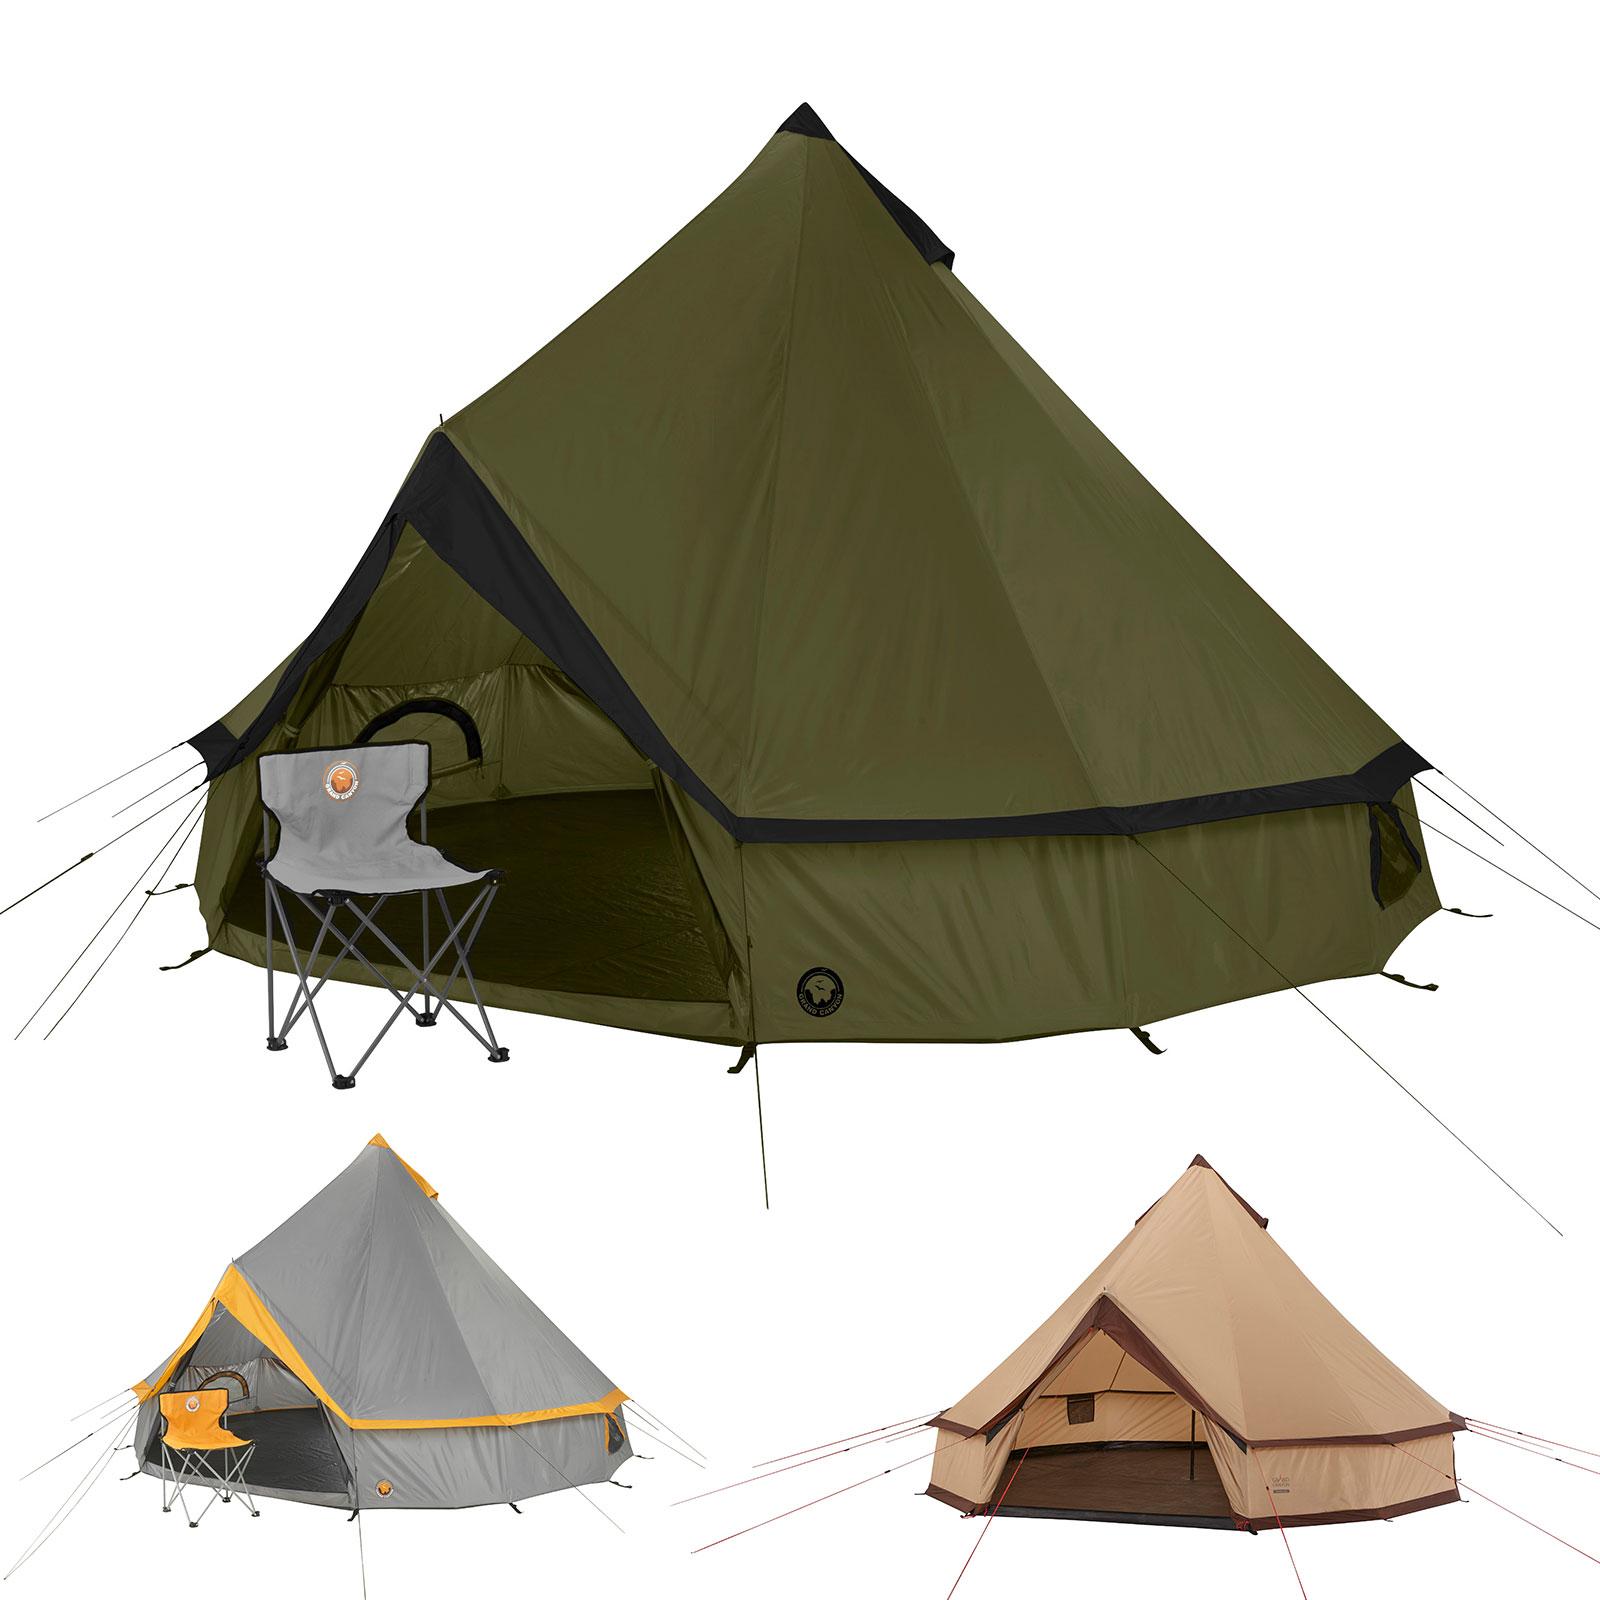 Zelt Explorer 4 : Explorer zelt sierra personen camping familienzelt